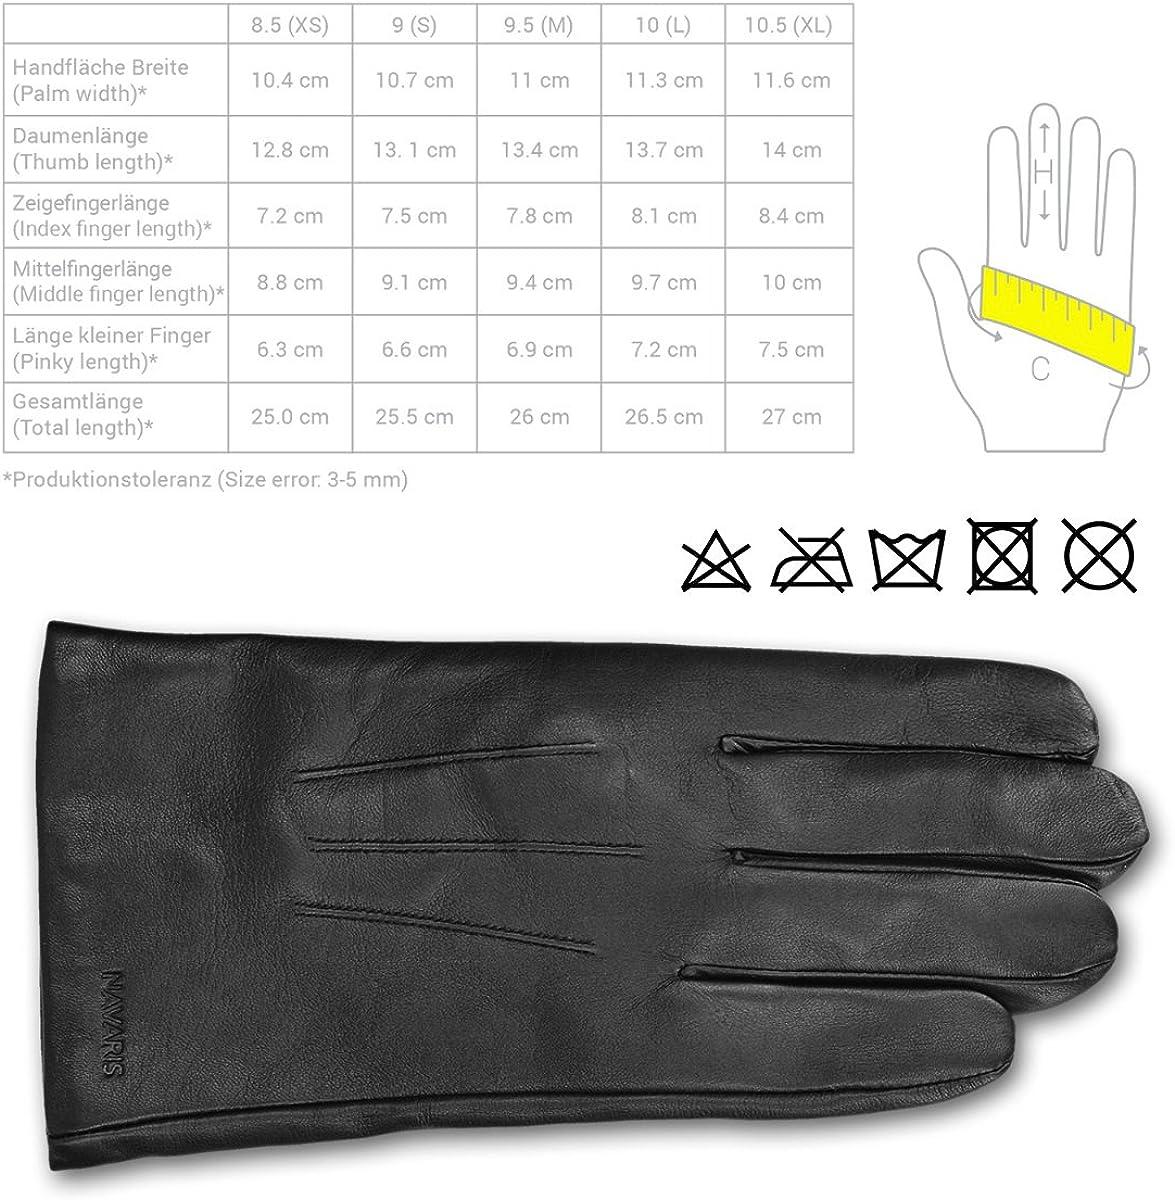 Navaris Guanti Capacitivi Touchscreen Uomo Nero in Vera Pelle con Fodera Cashmere Lana Guanti in Nappa Touch Screen per Smartphone Tablet